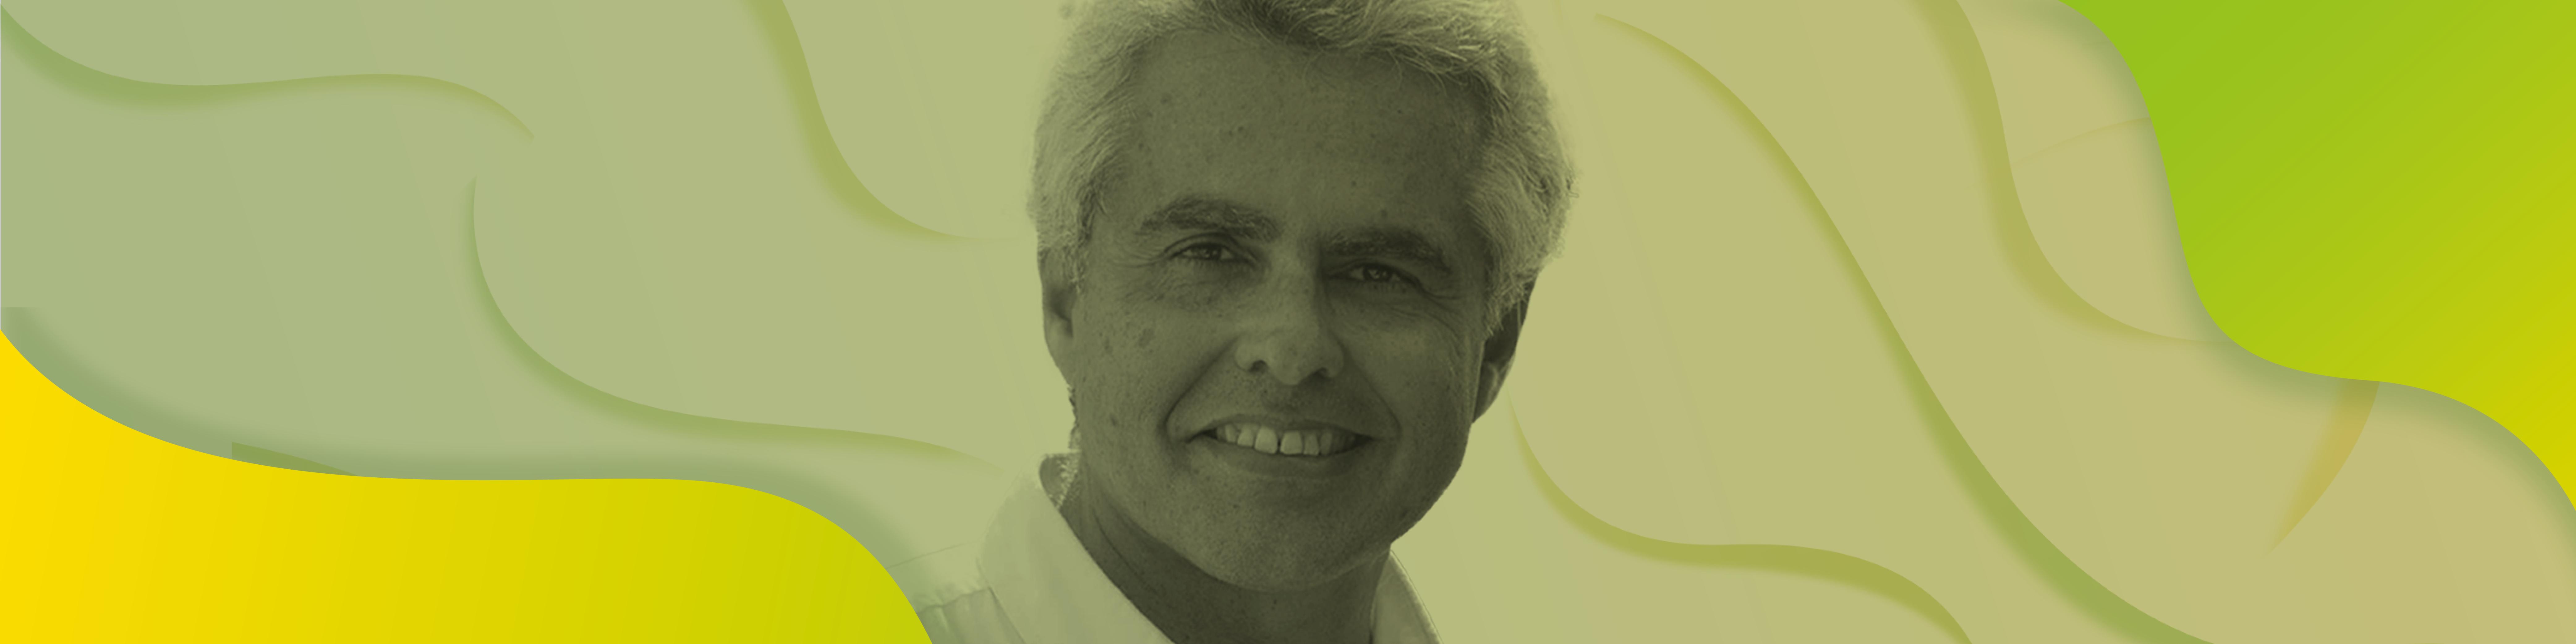 """Palestra de Carlos Moura-Carvalho e apresentação do projeto """"Nós de língua"""""""